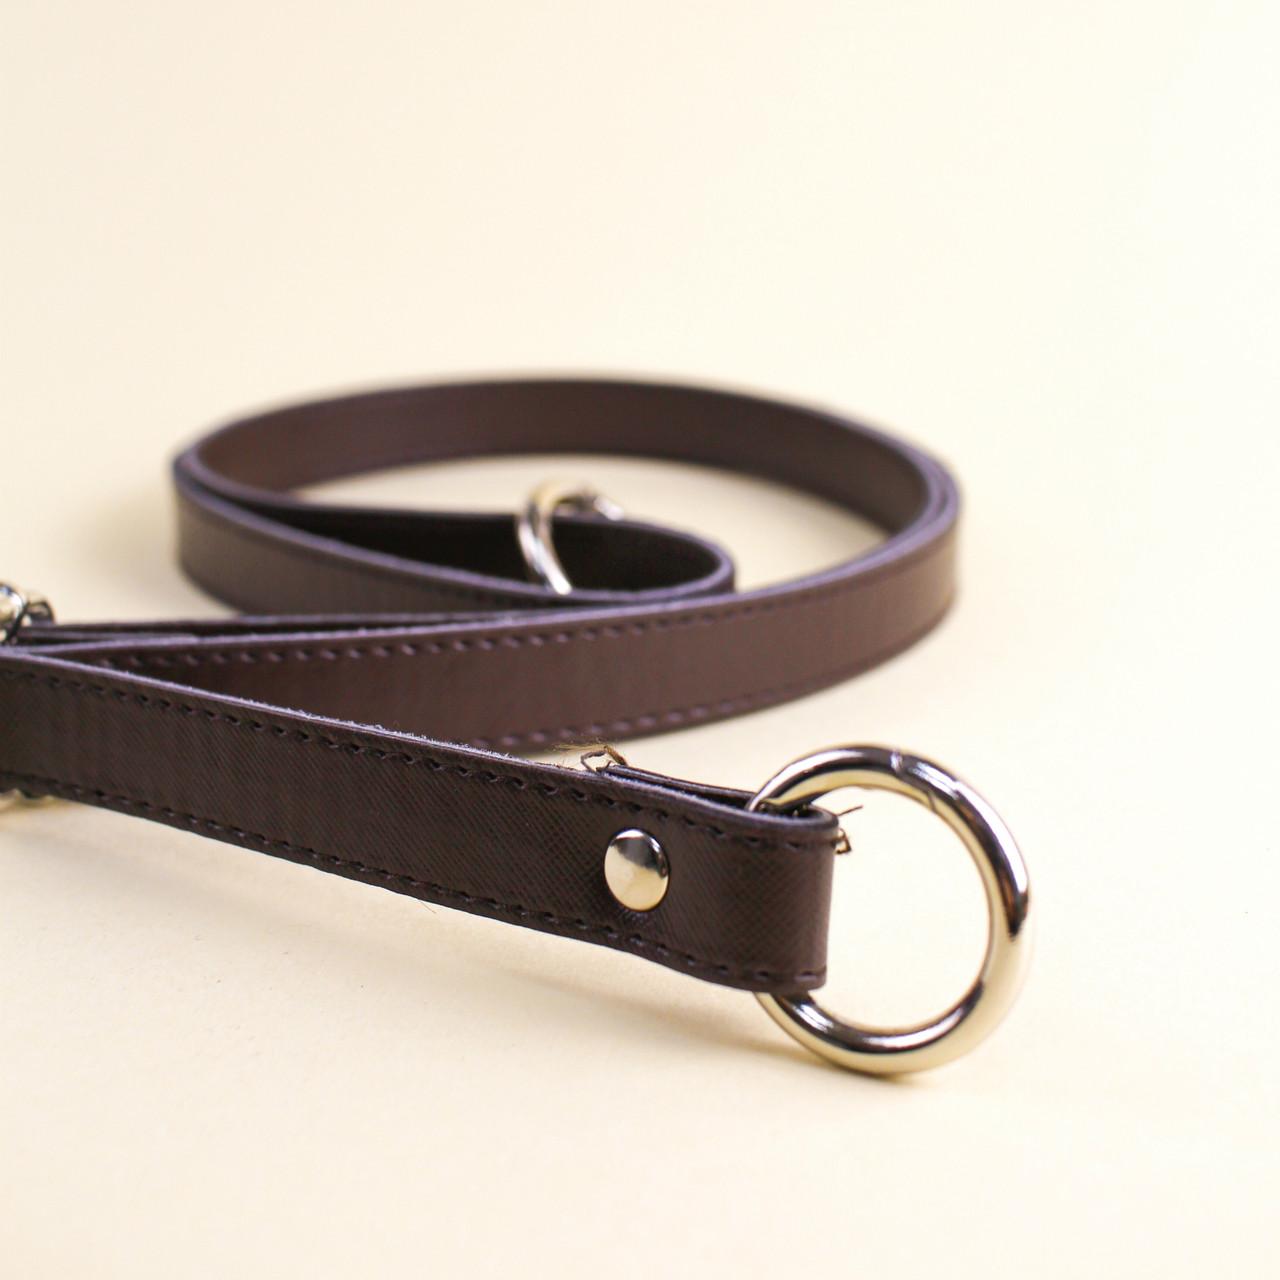 Ручка для сумки экокожа Шоколад, 68-126 см, на кольцах-карабинах